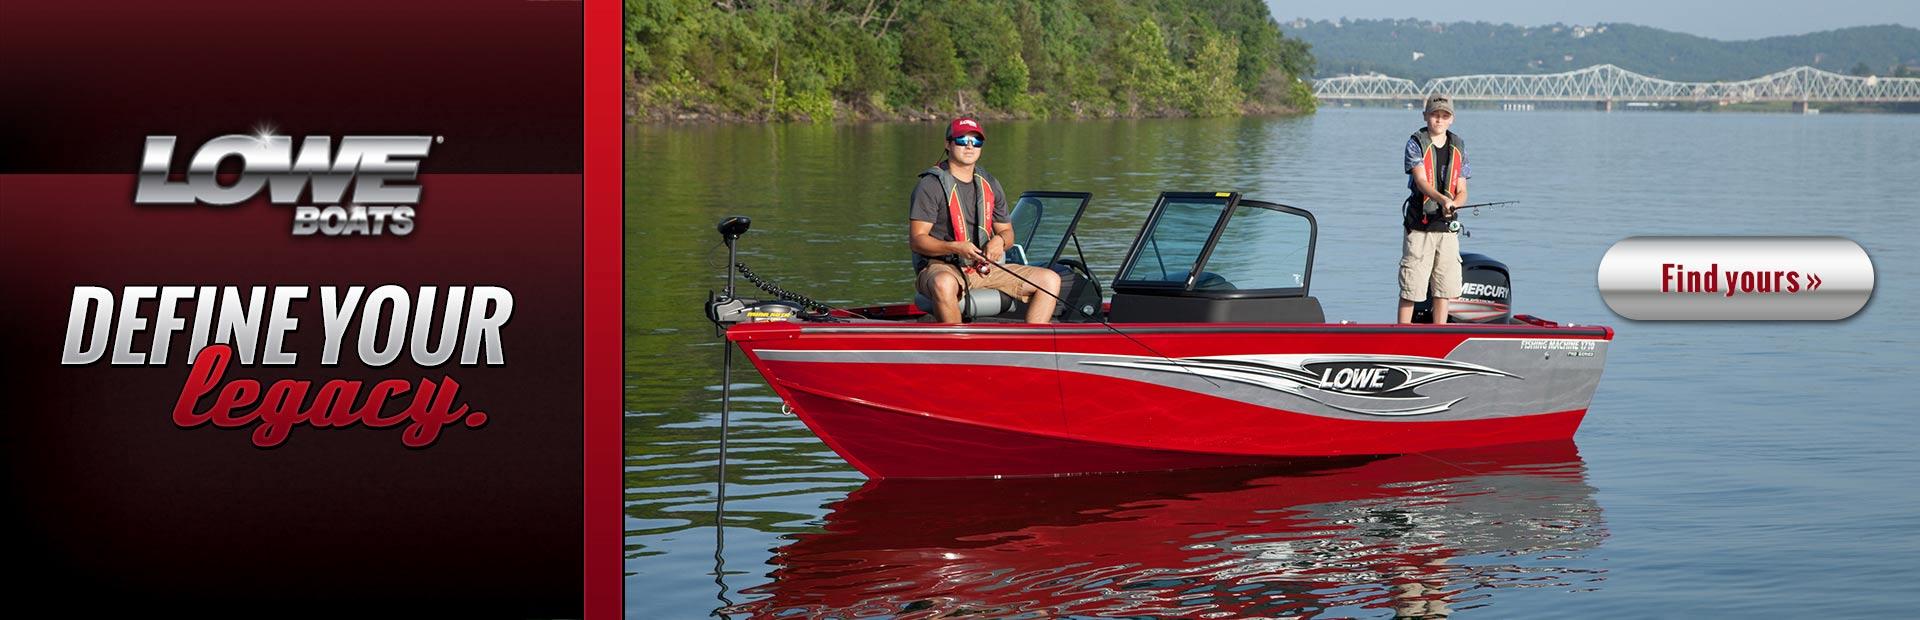 Home Parker Boats & Motors Amarillo, TX (806) 359-9097